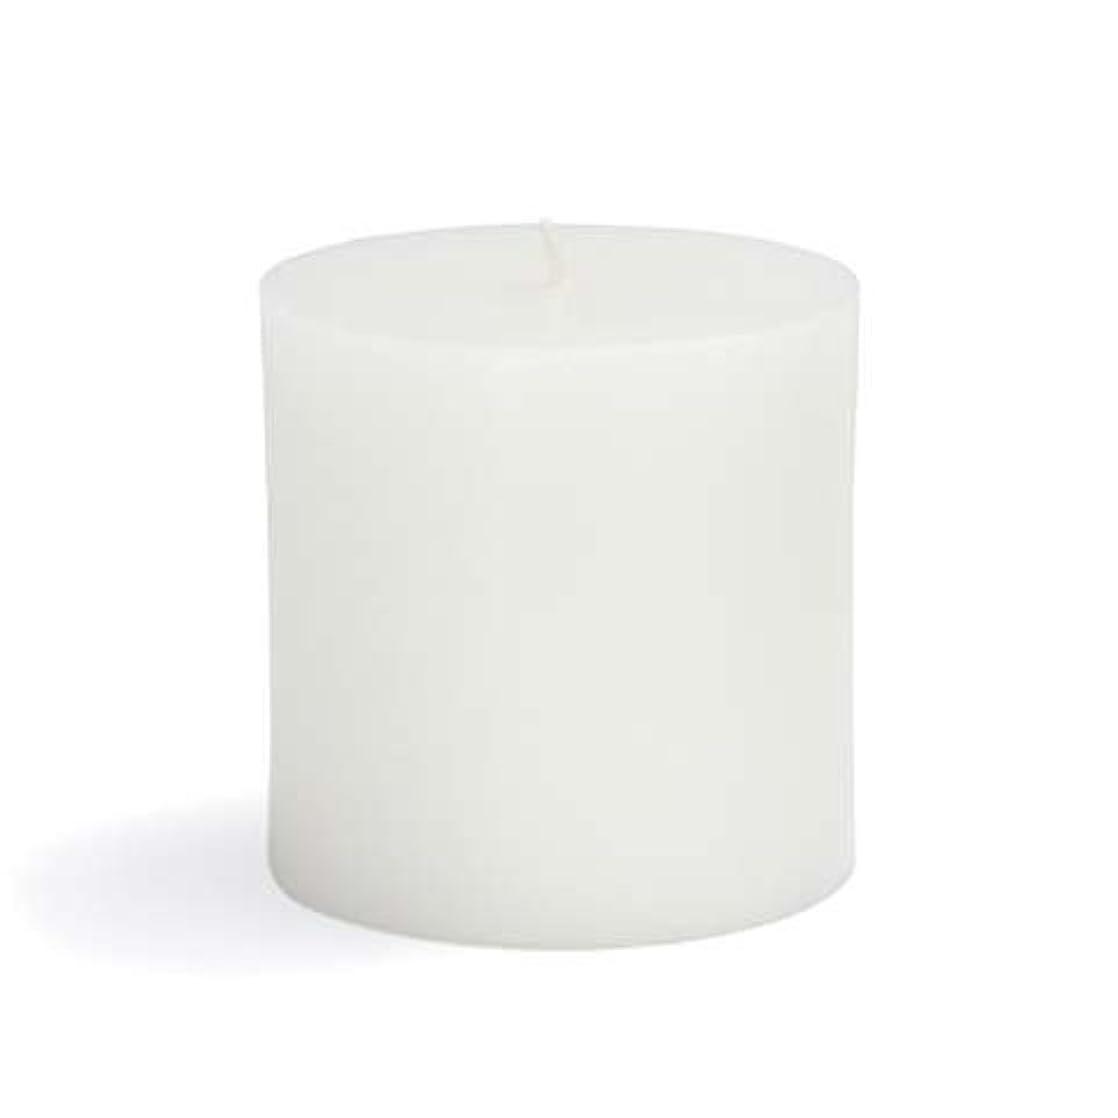 一過性手錠利益Zest Candle CPZ-071-12 3 x 3 in. White Pillar Candles -12pcs-Case- Bulk